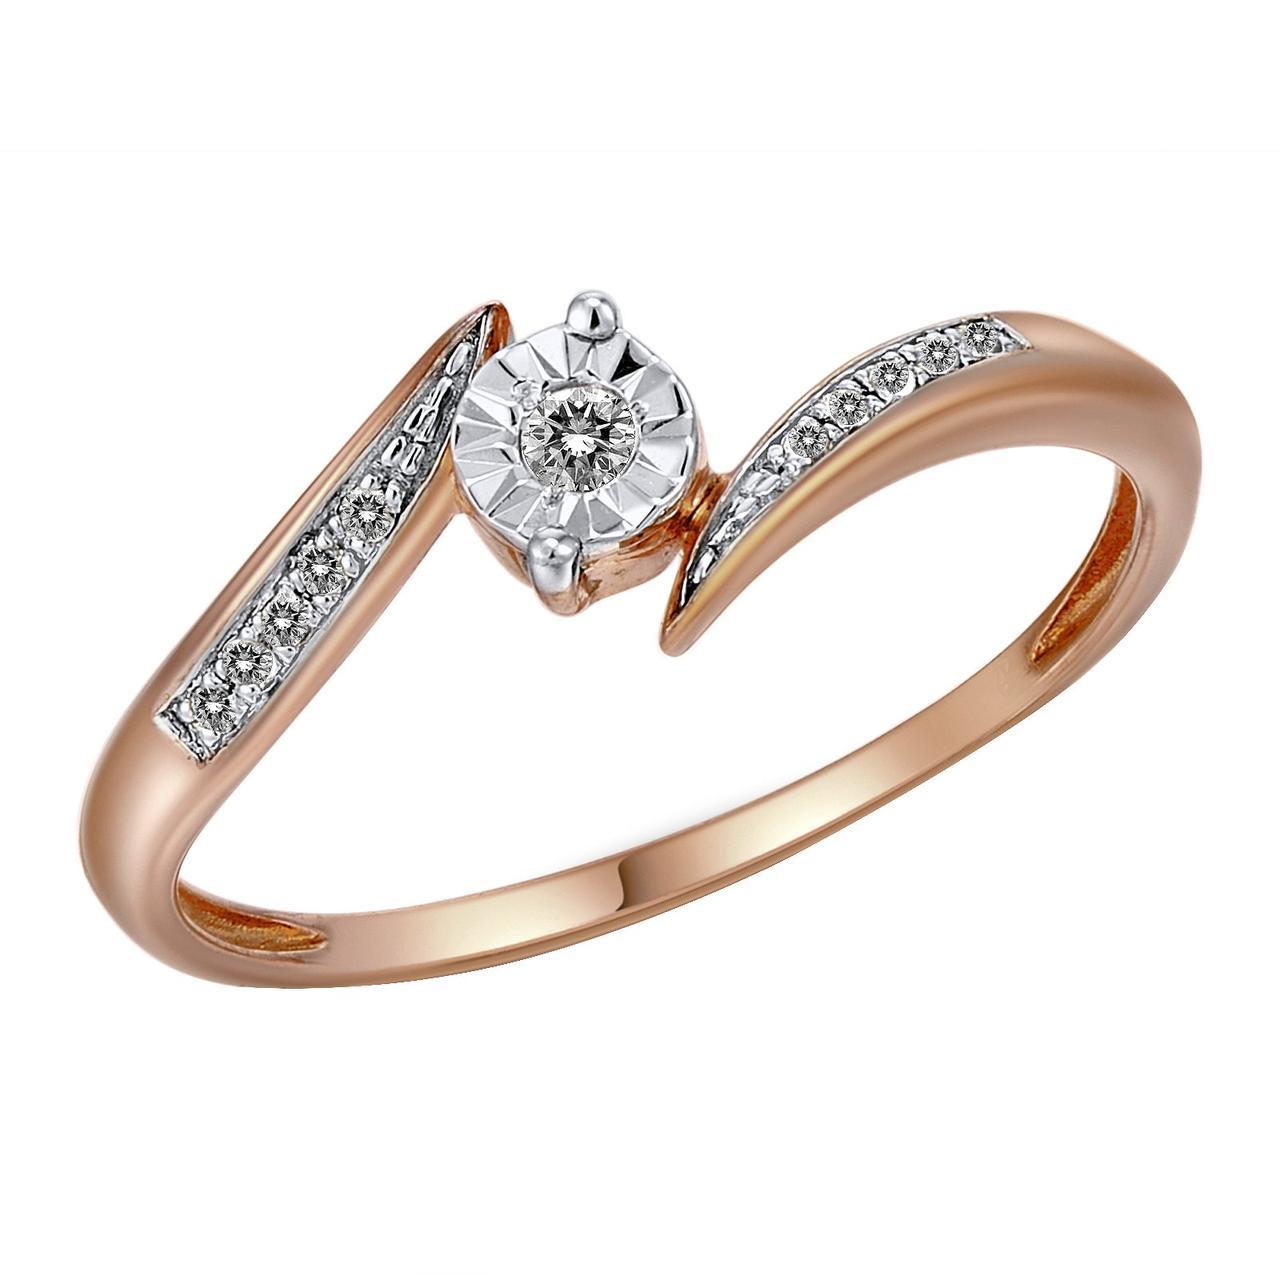 Золотое кольцо с бриллиантами, размер 16.5 (474840)